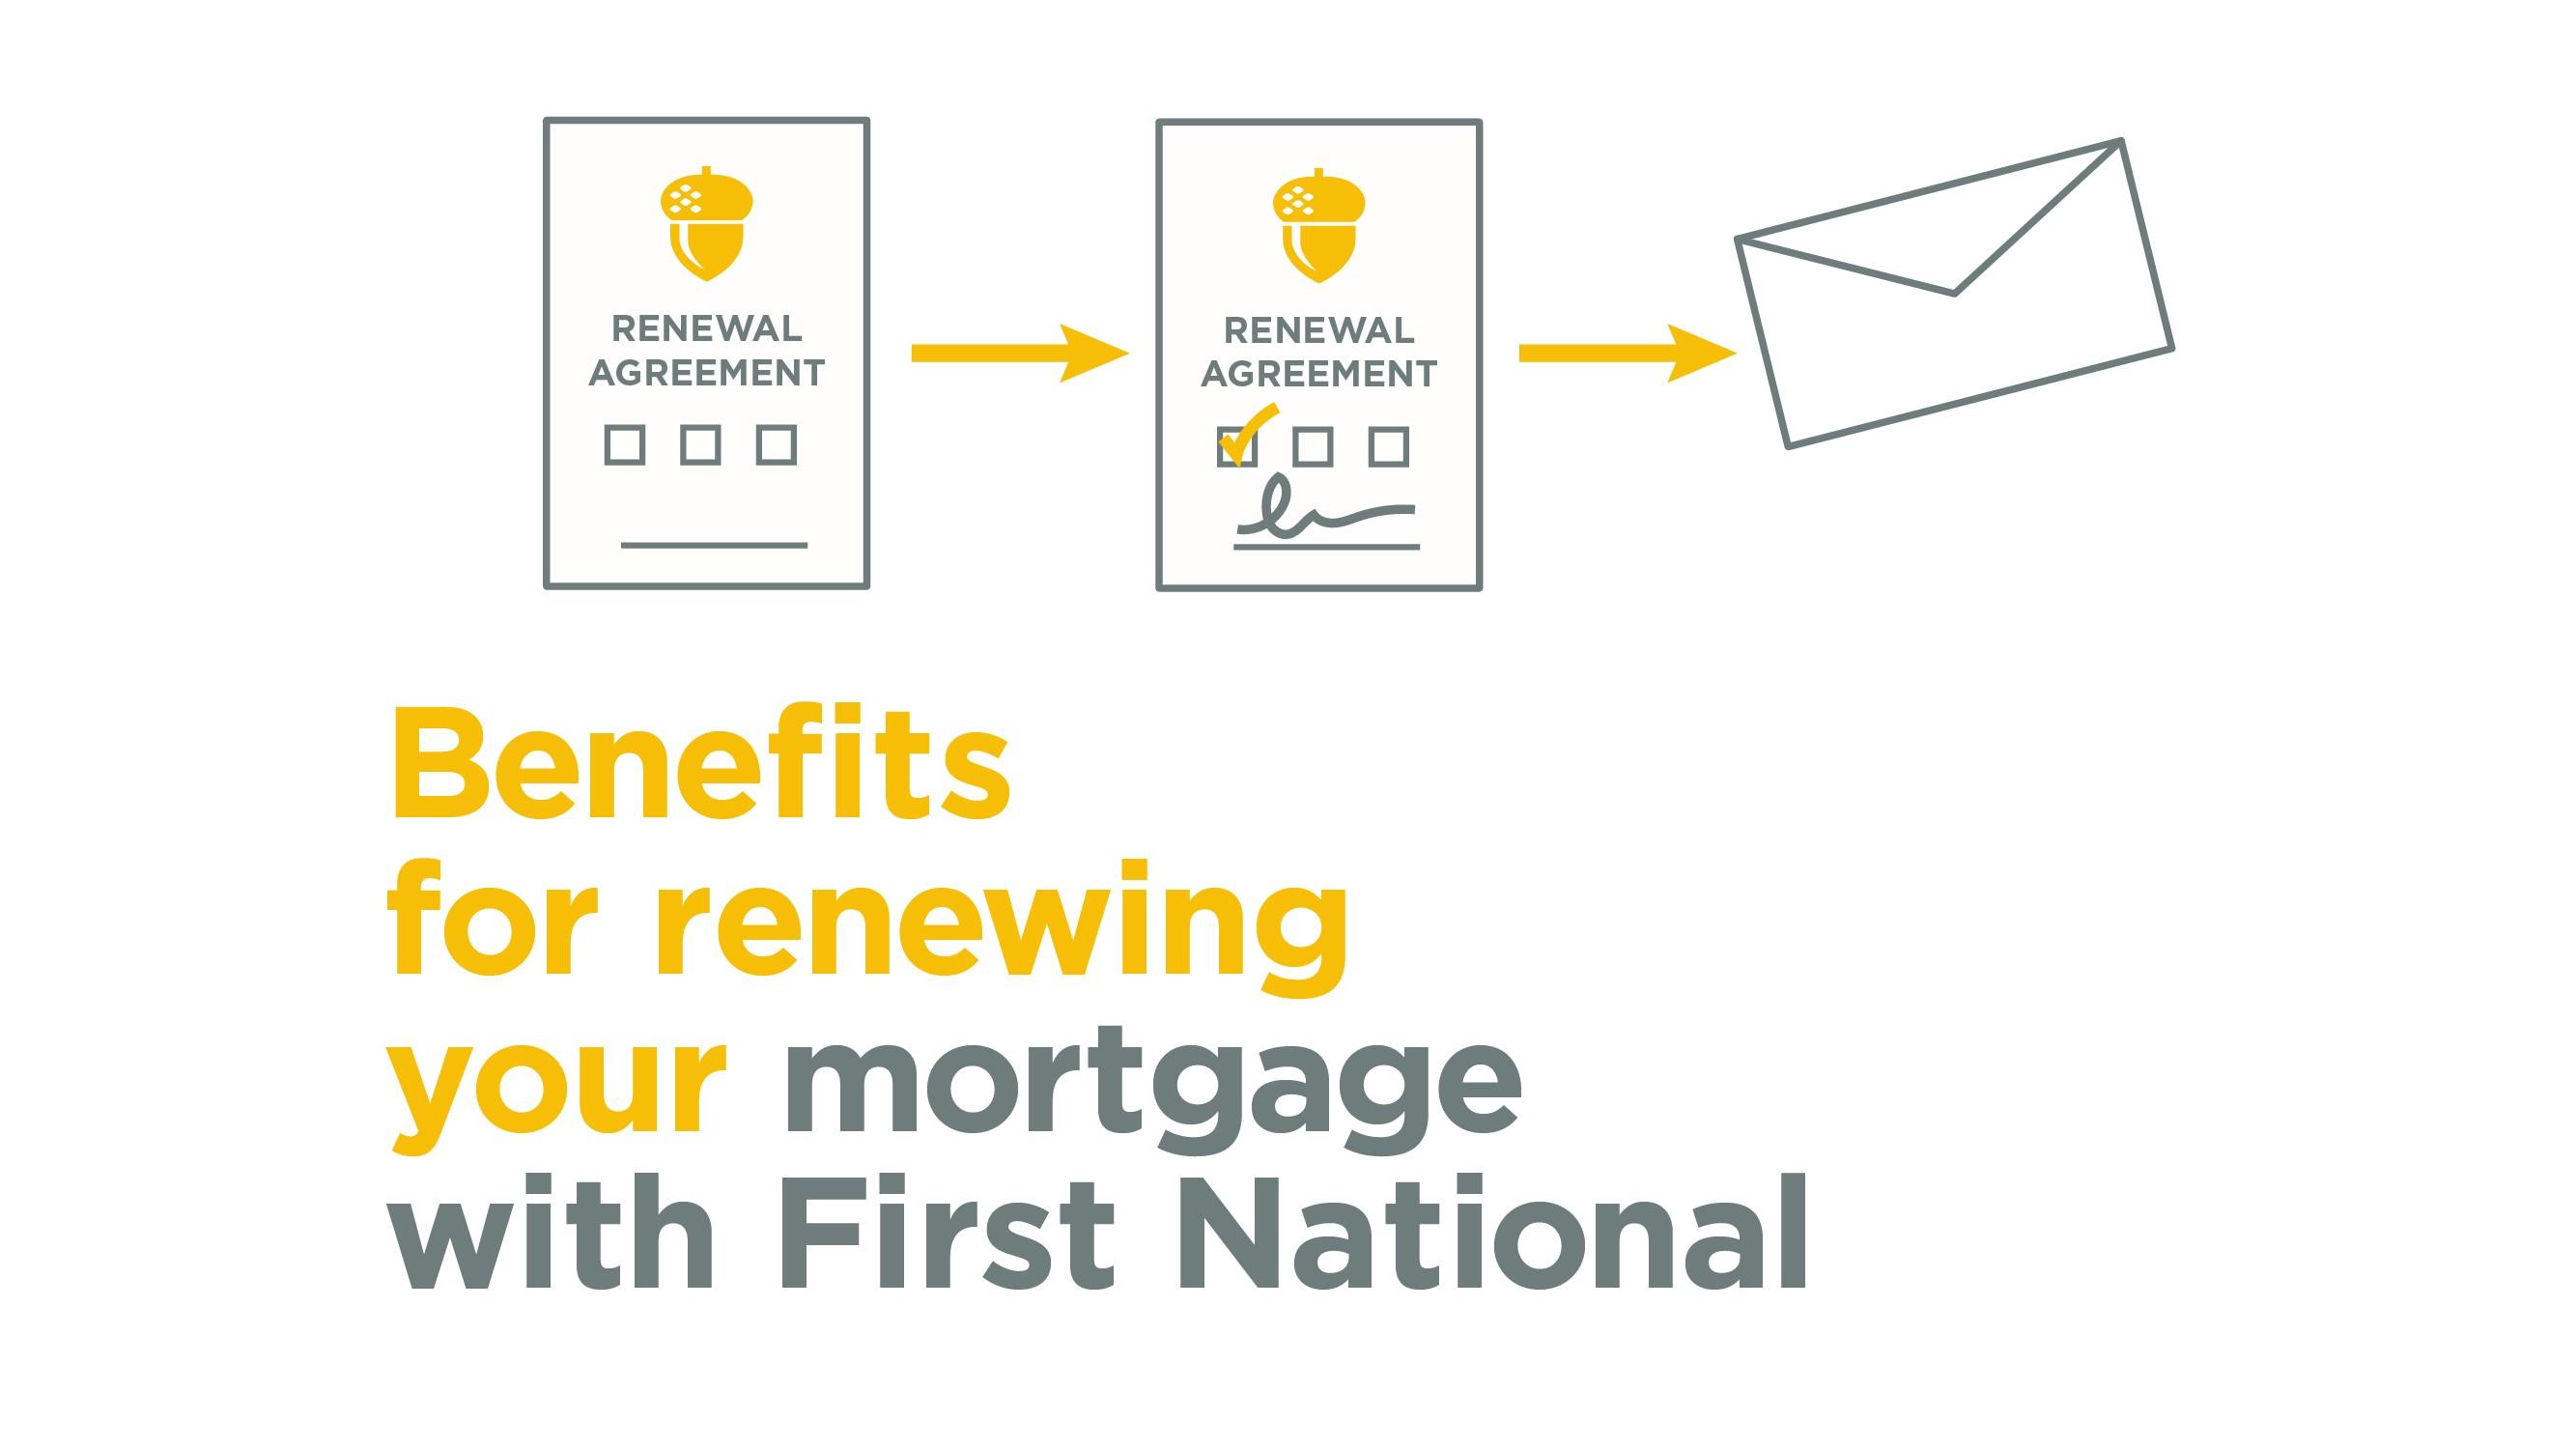 Benefits of renewing - EN